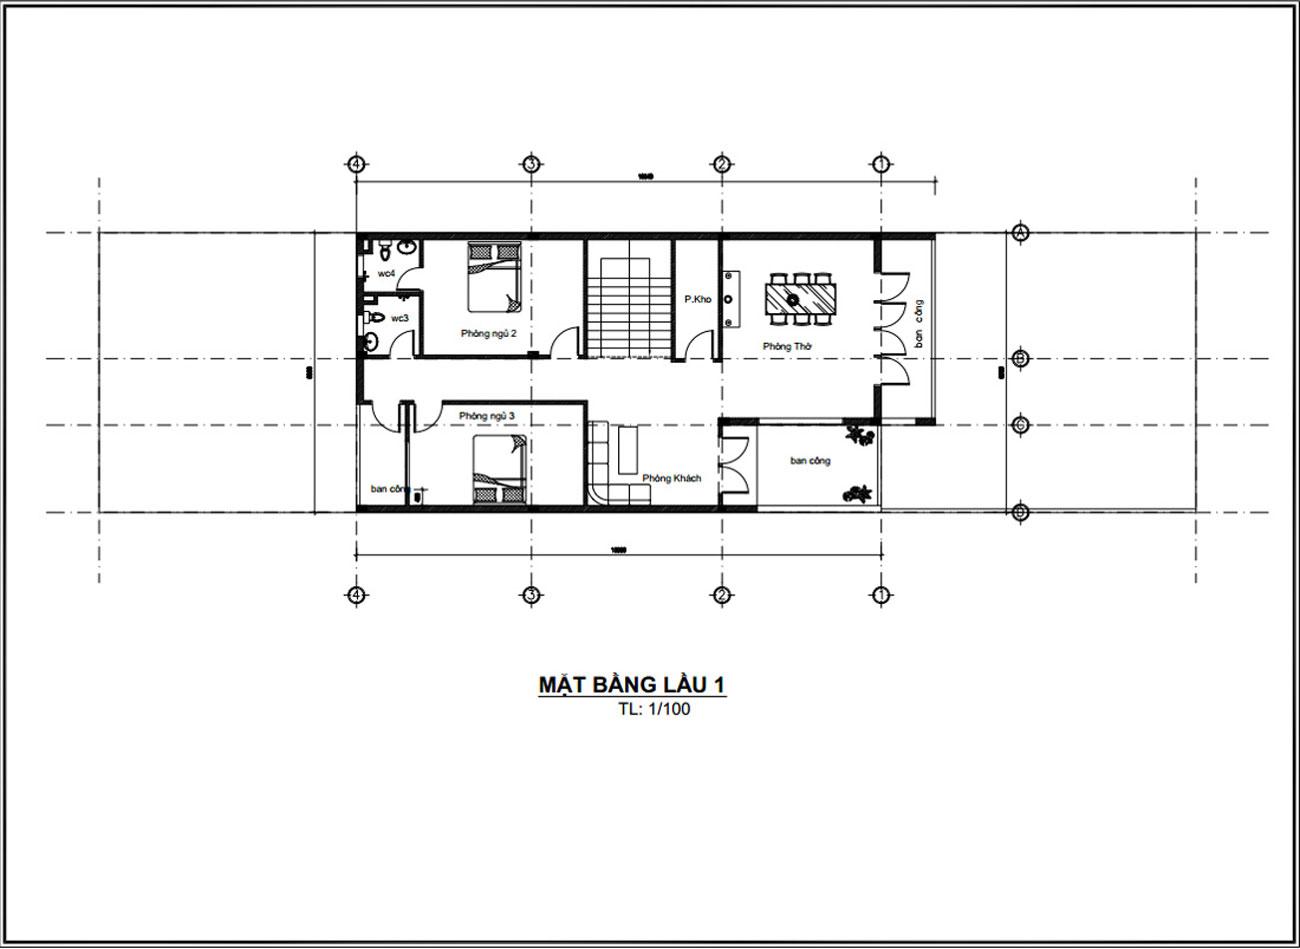 Mặt bằng lầu 1 mẫu nhà ống 2 tầng đẹp giá rẻ 8x16m tại Vũng Tàu